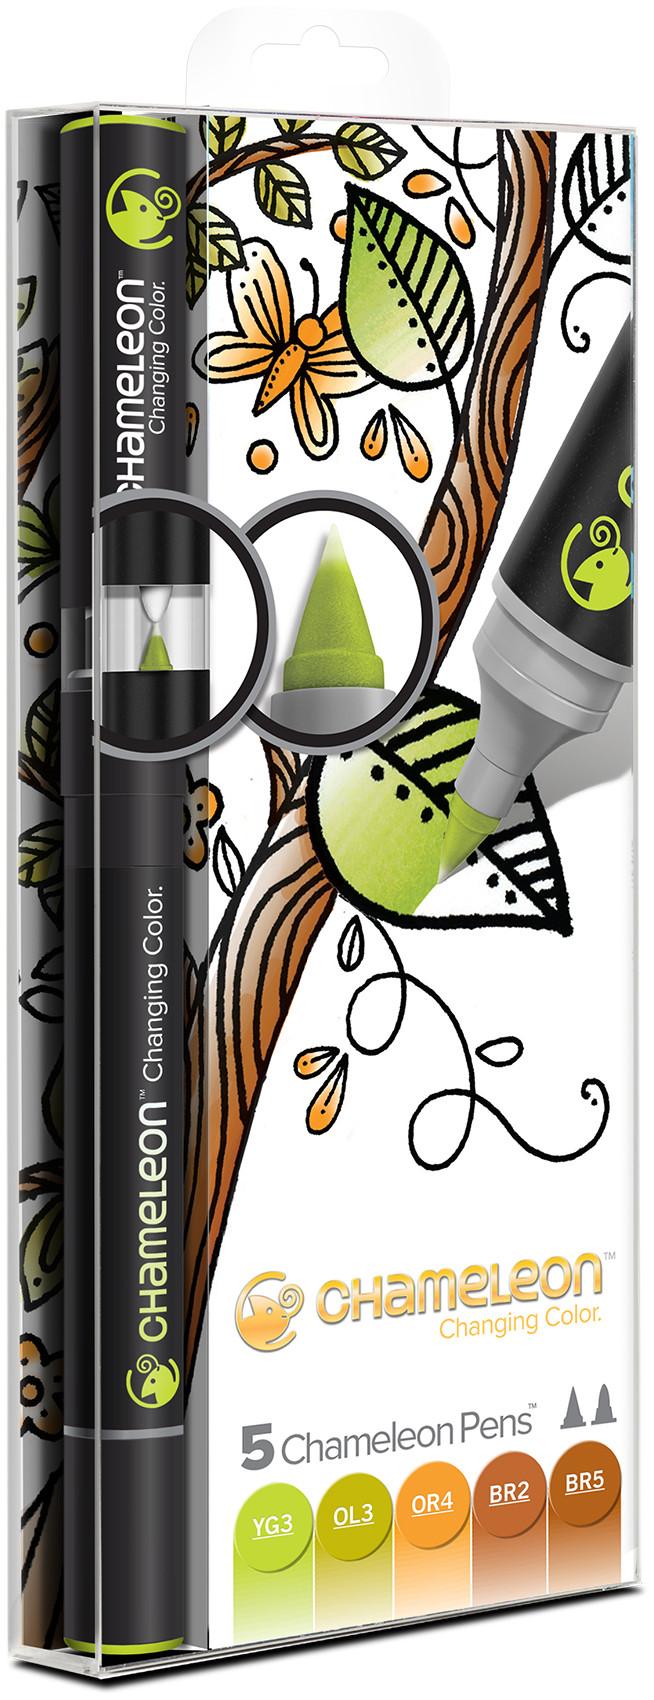 Chameleon Blendable Marker Pens - Earth Tones (Pack of 5)